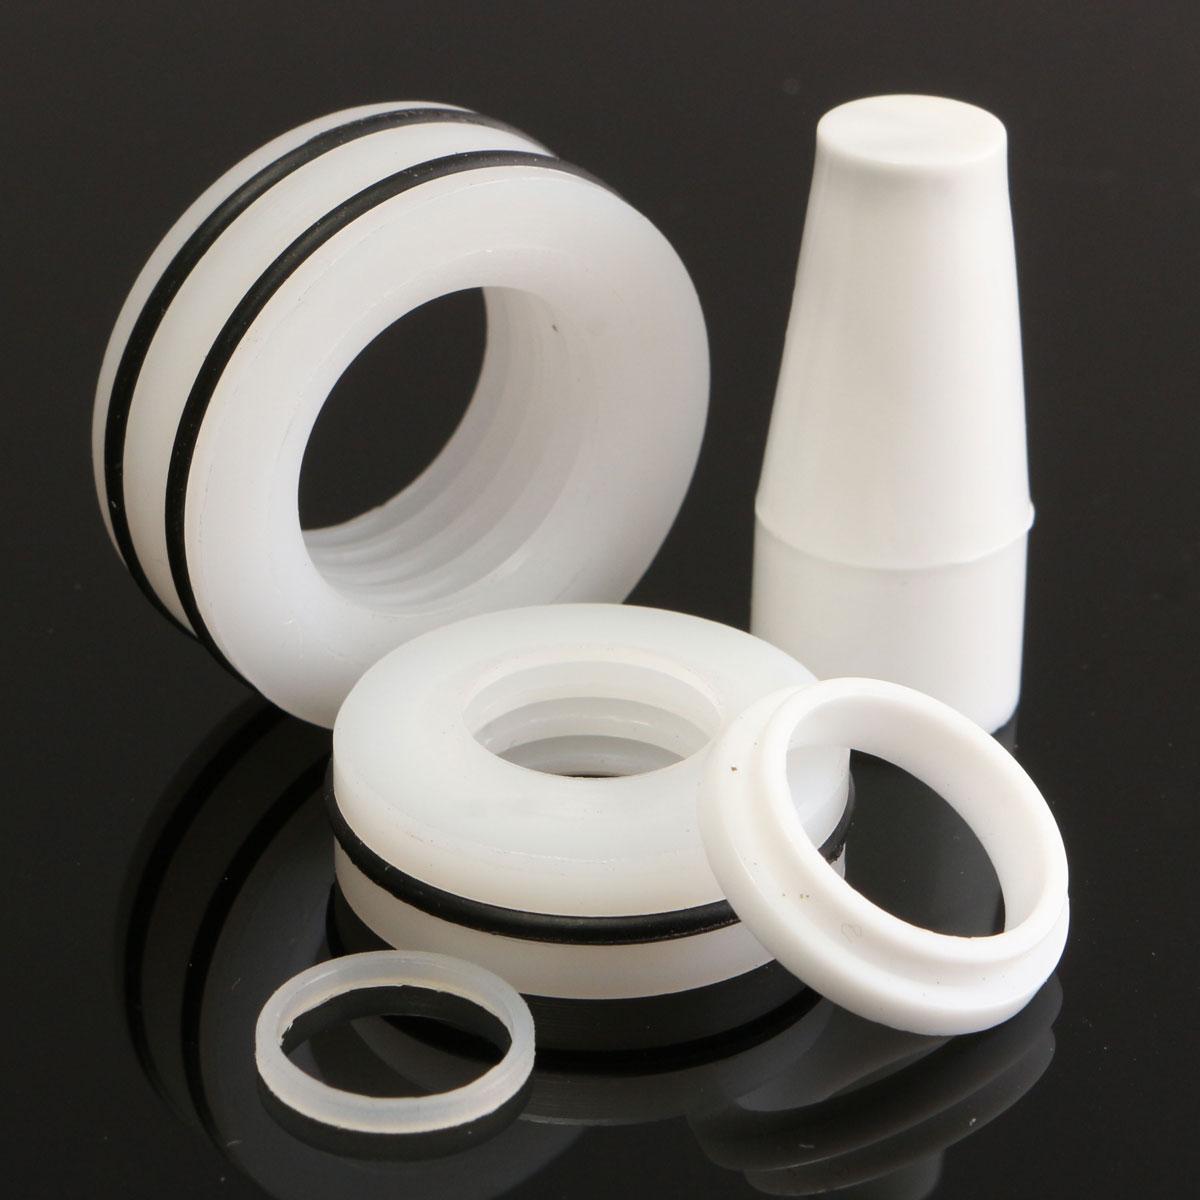 1Pcs Seal Pad Repair Kits Airless Sprayer Accessories Repair Packing Kit 704586 For Titan 440 450 Sprayer